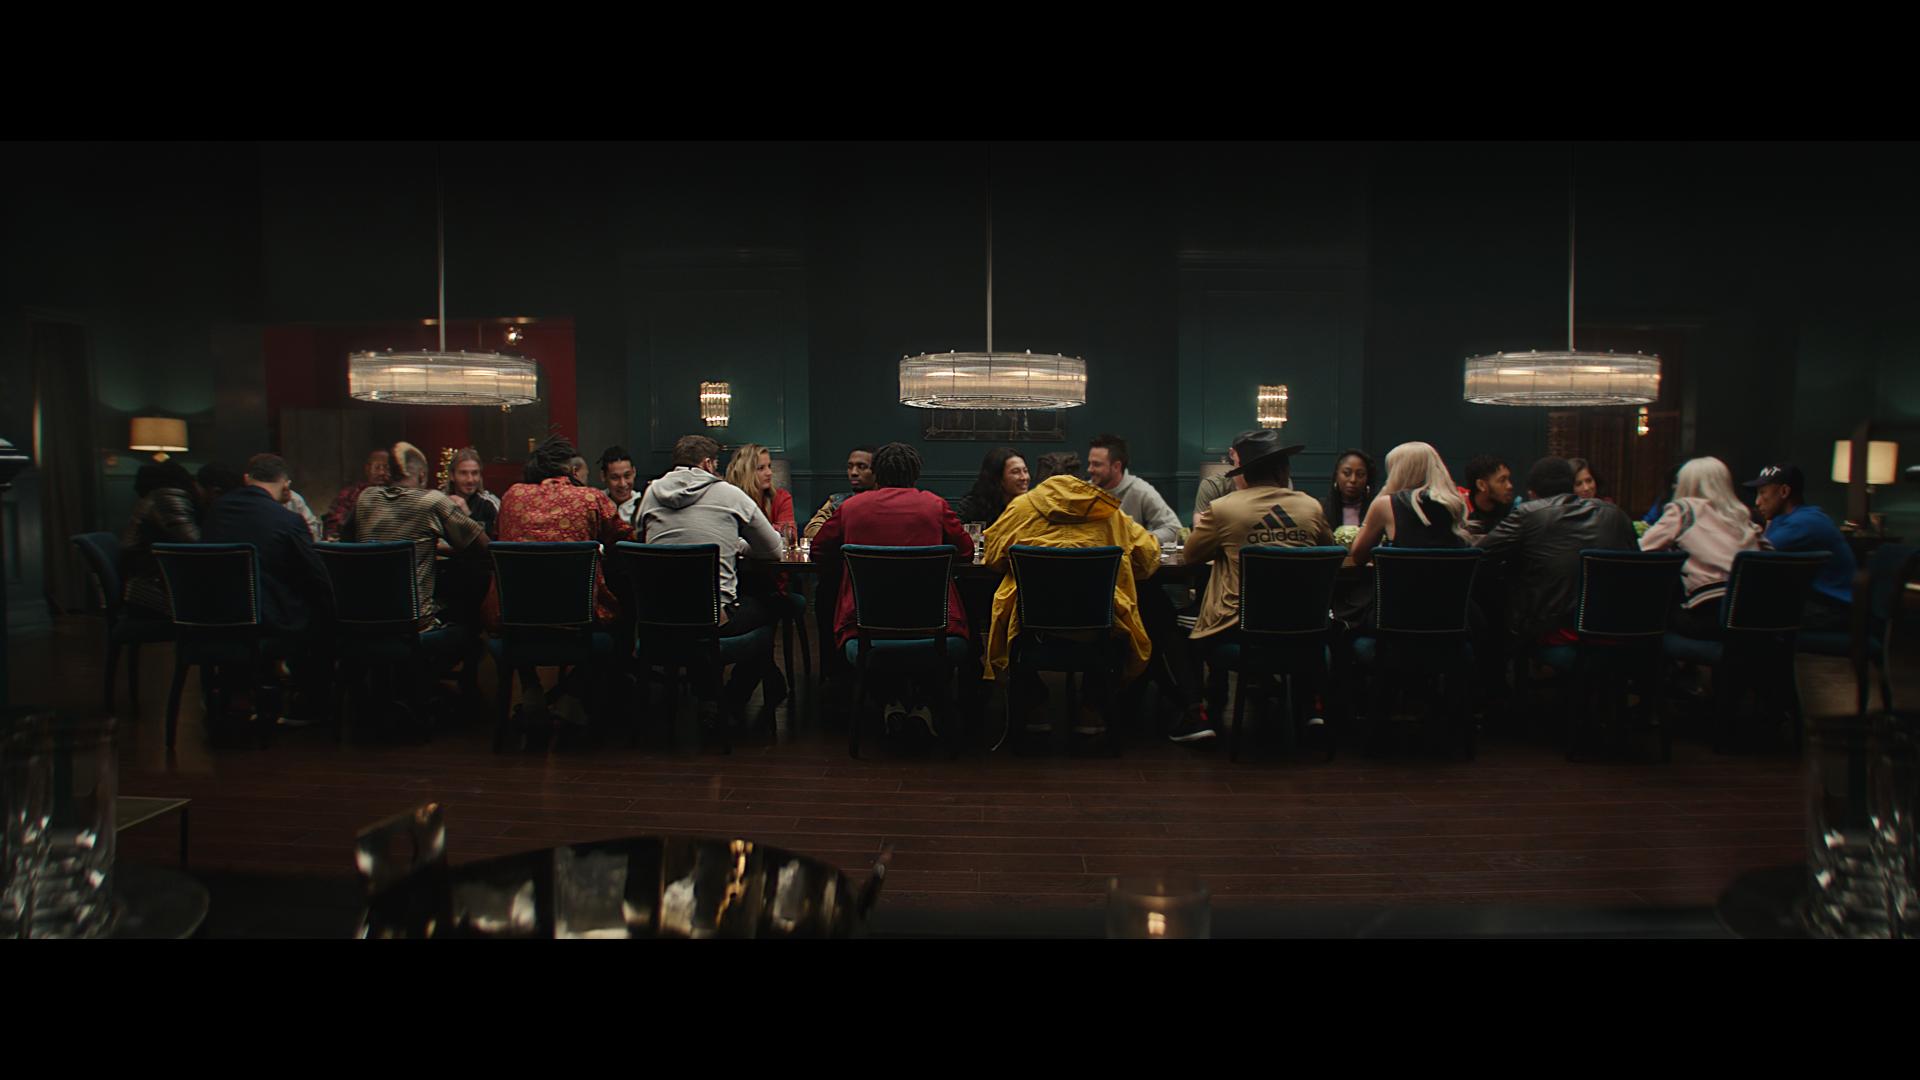 Qui sont les 25 ambassadeurs adidas présents dans la